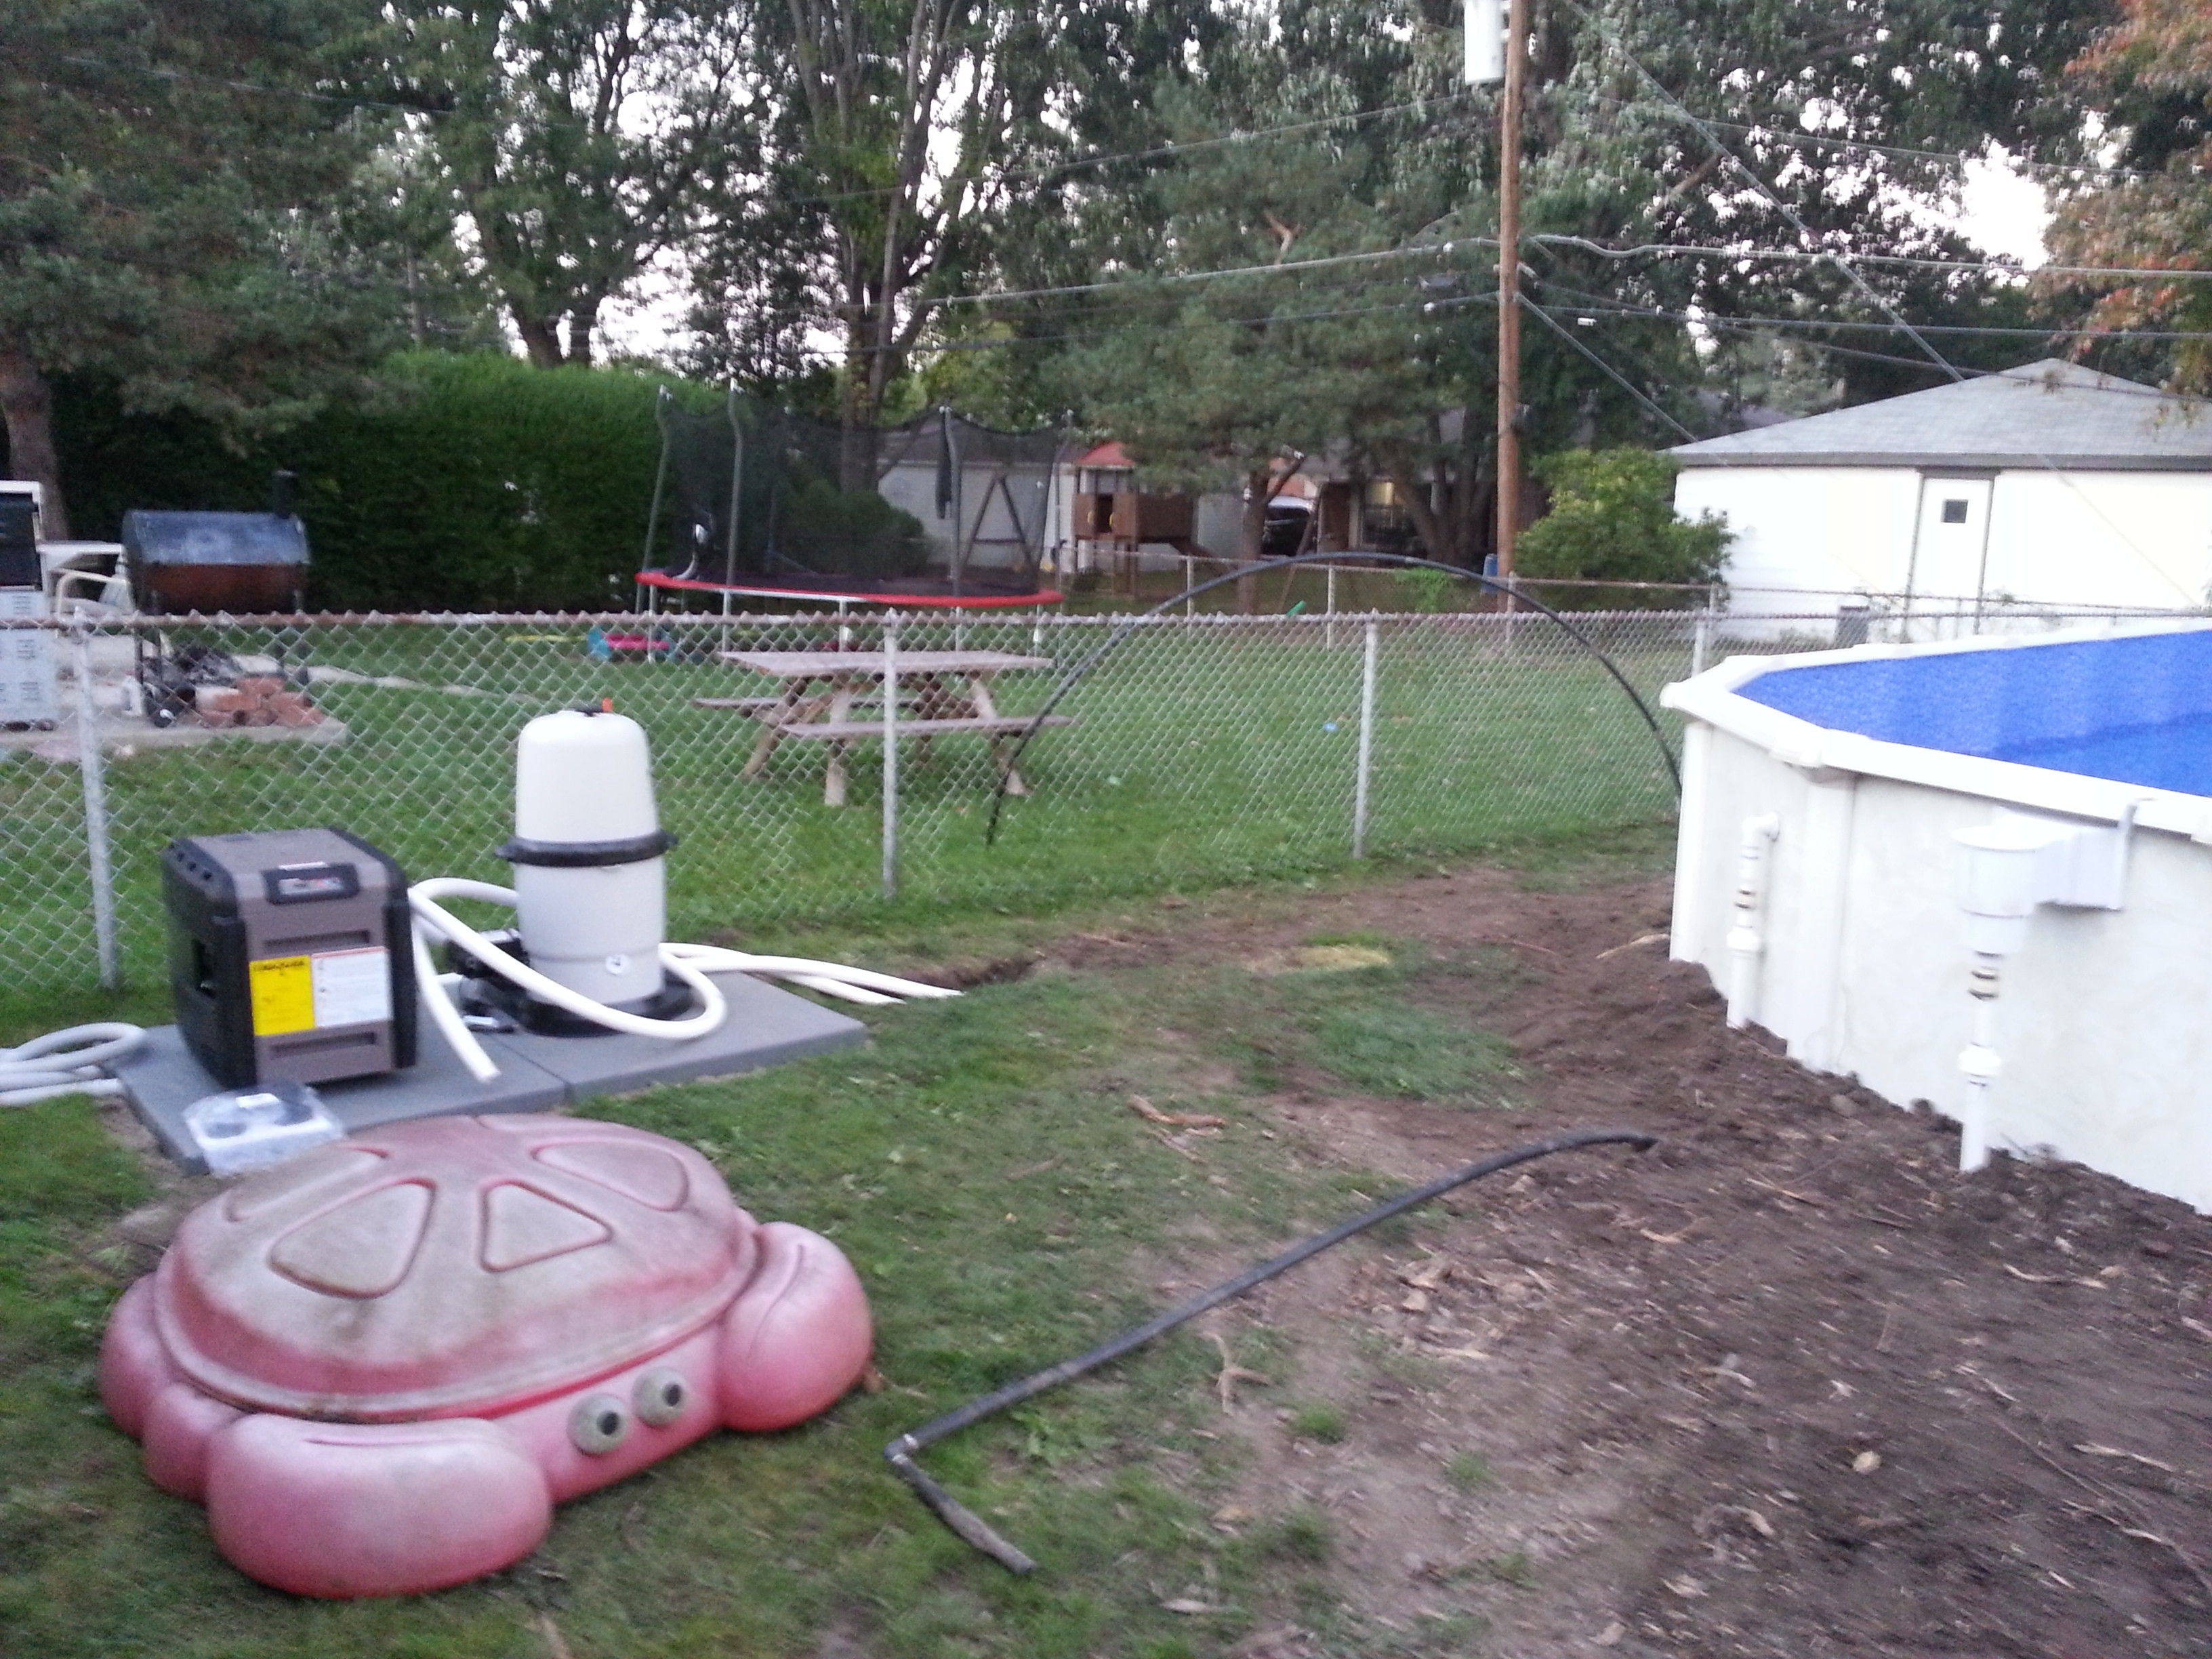 equipment-setup-3-e1456385283672